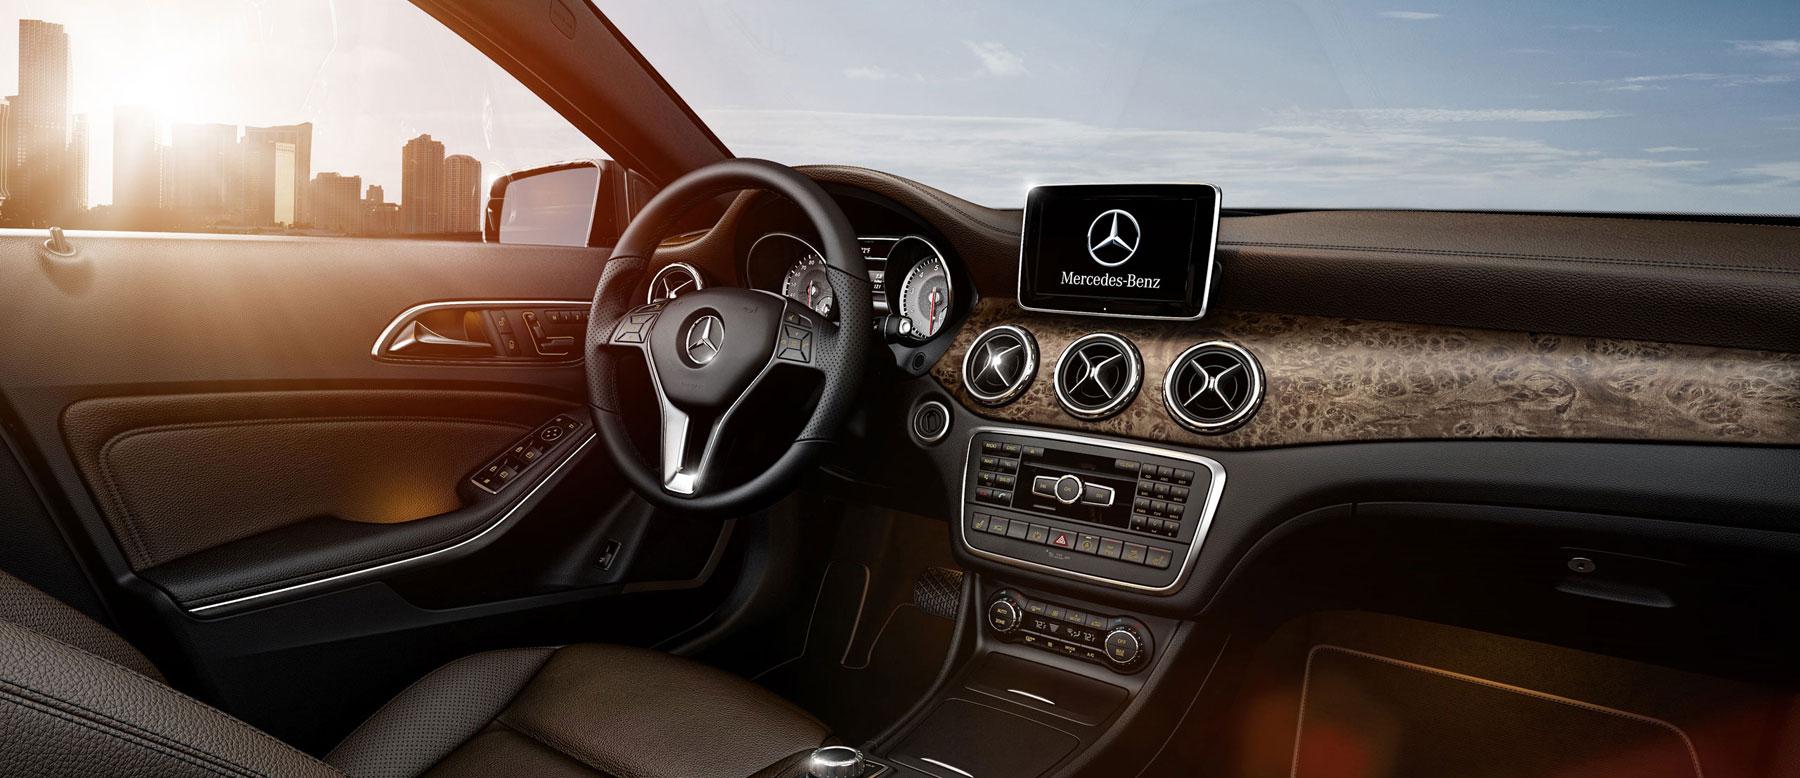 2015 mercedes benz gla250 interior mercedes benz of chicago for Mercedes benz chicago service center